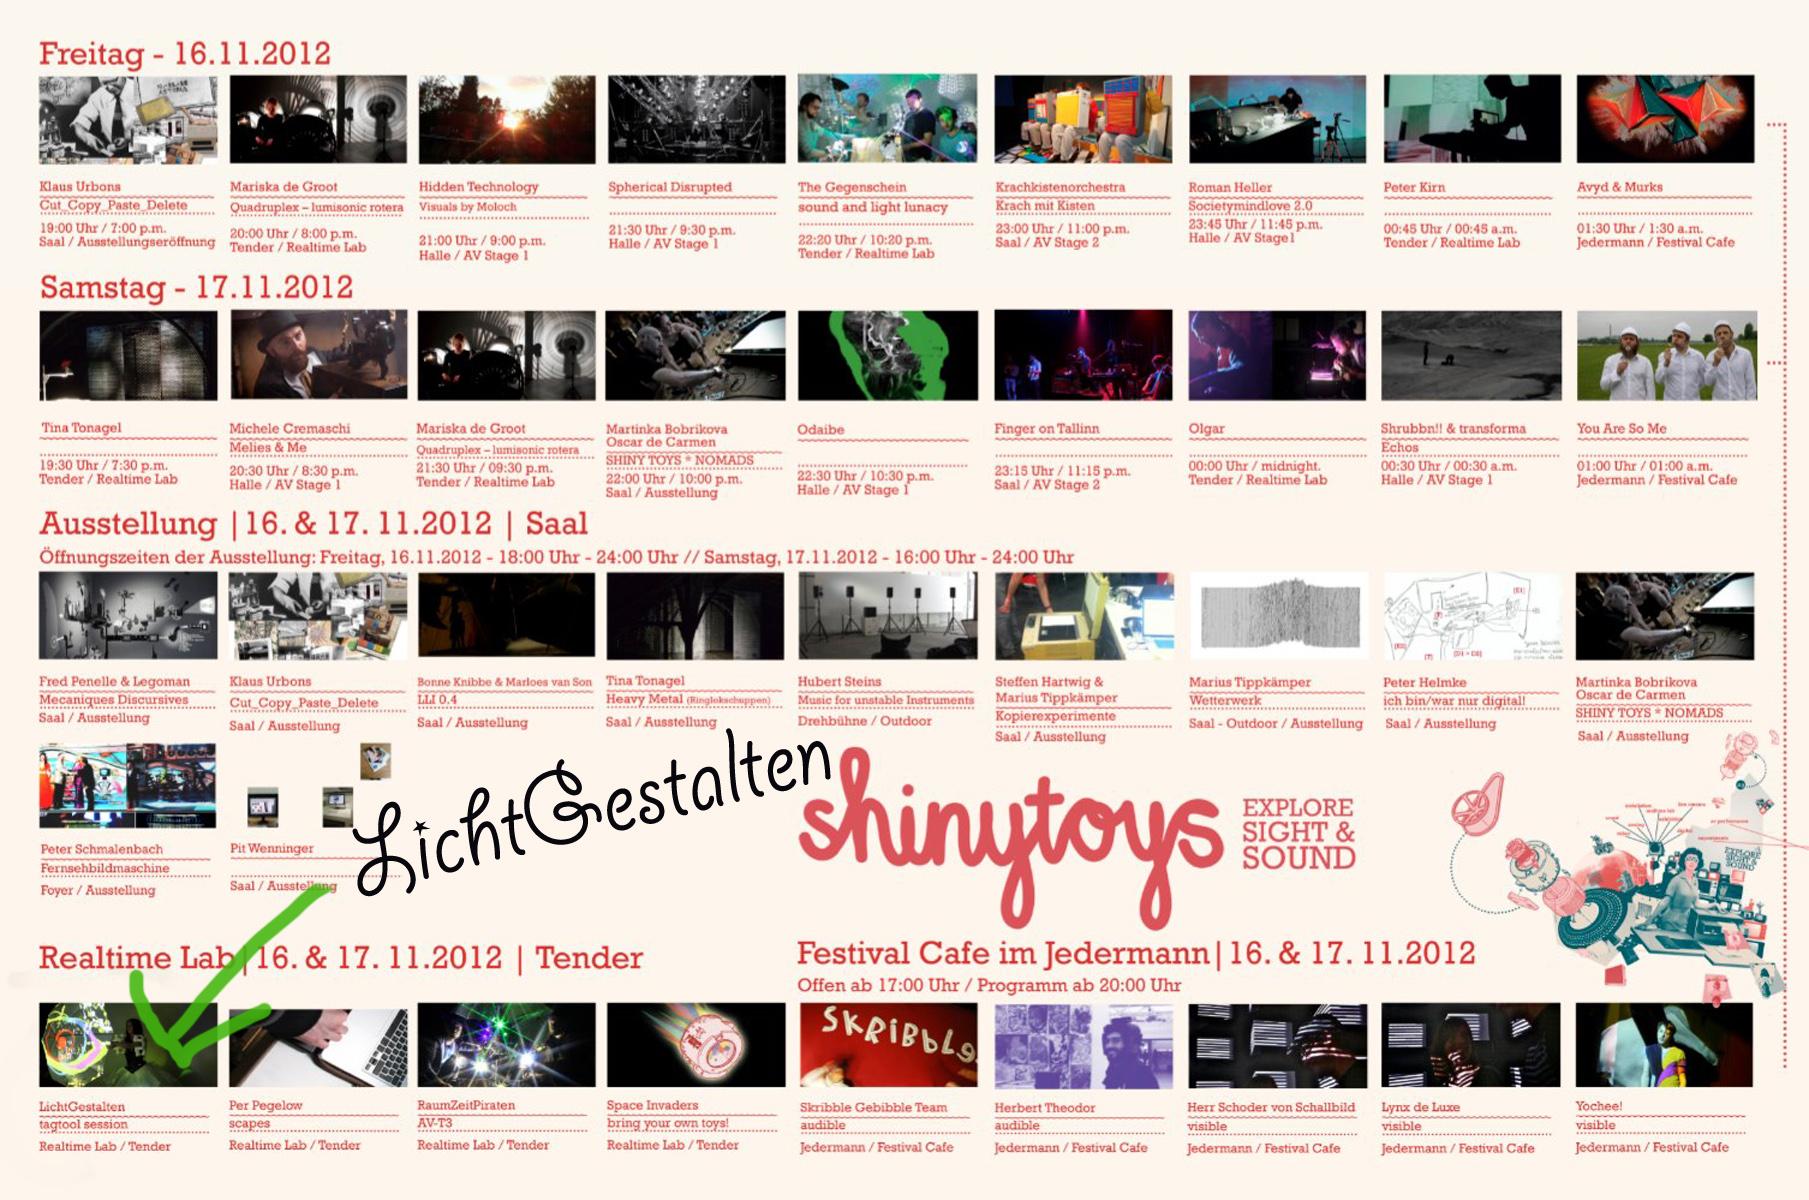 Programm Shinytoys